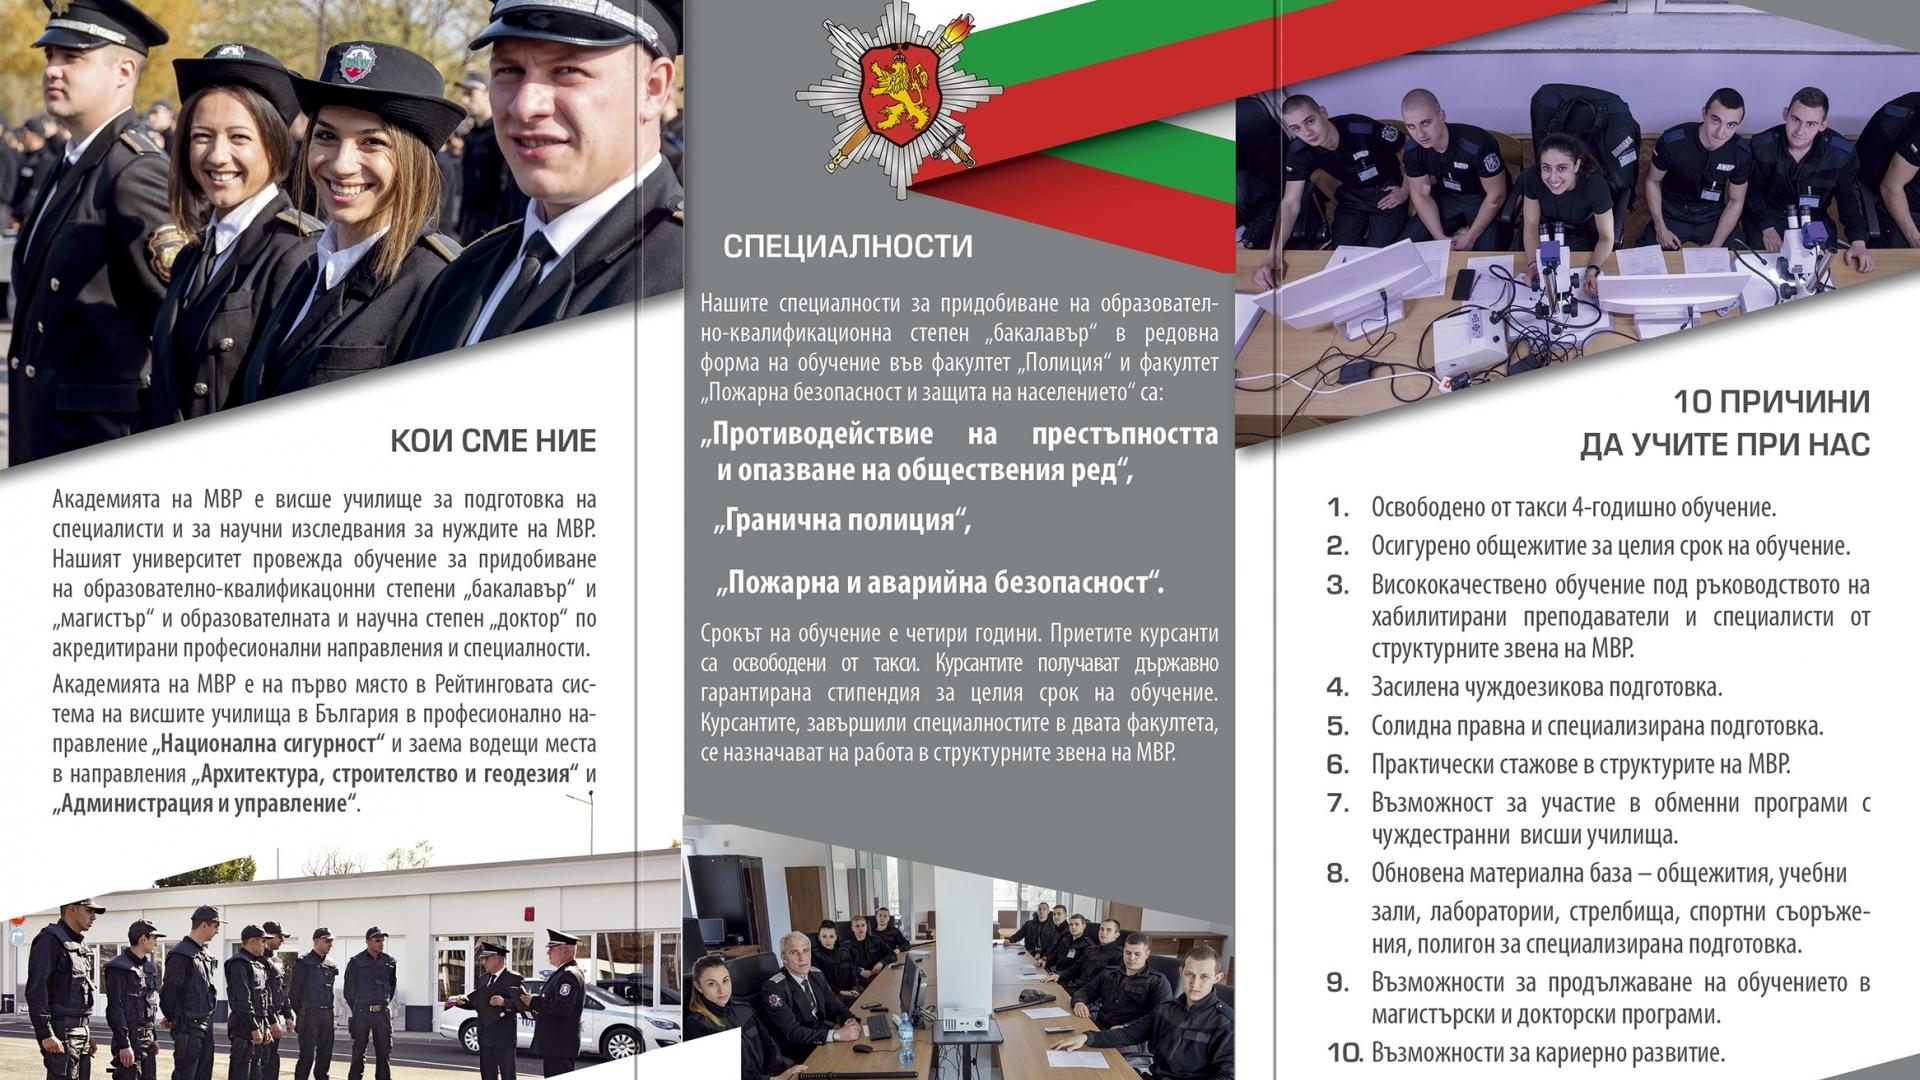 Започна кандидатстудентската кампания в Академията на МВР